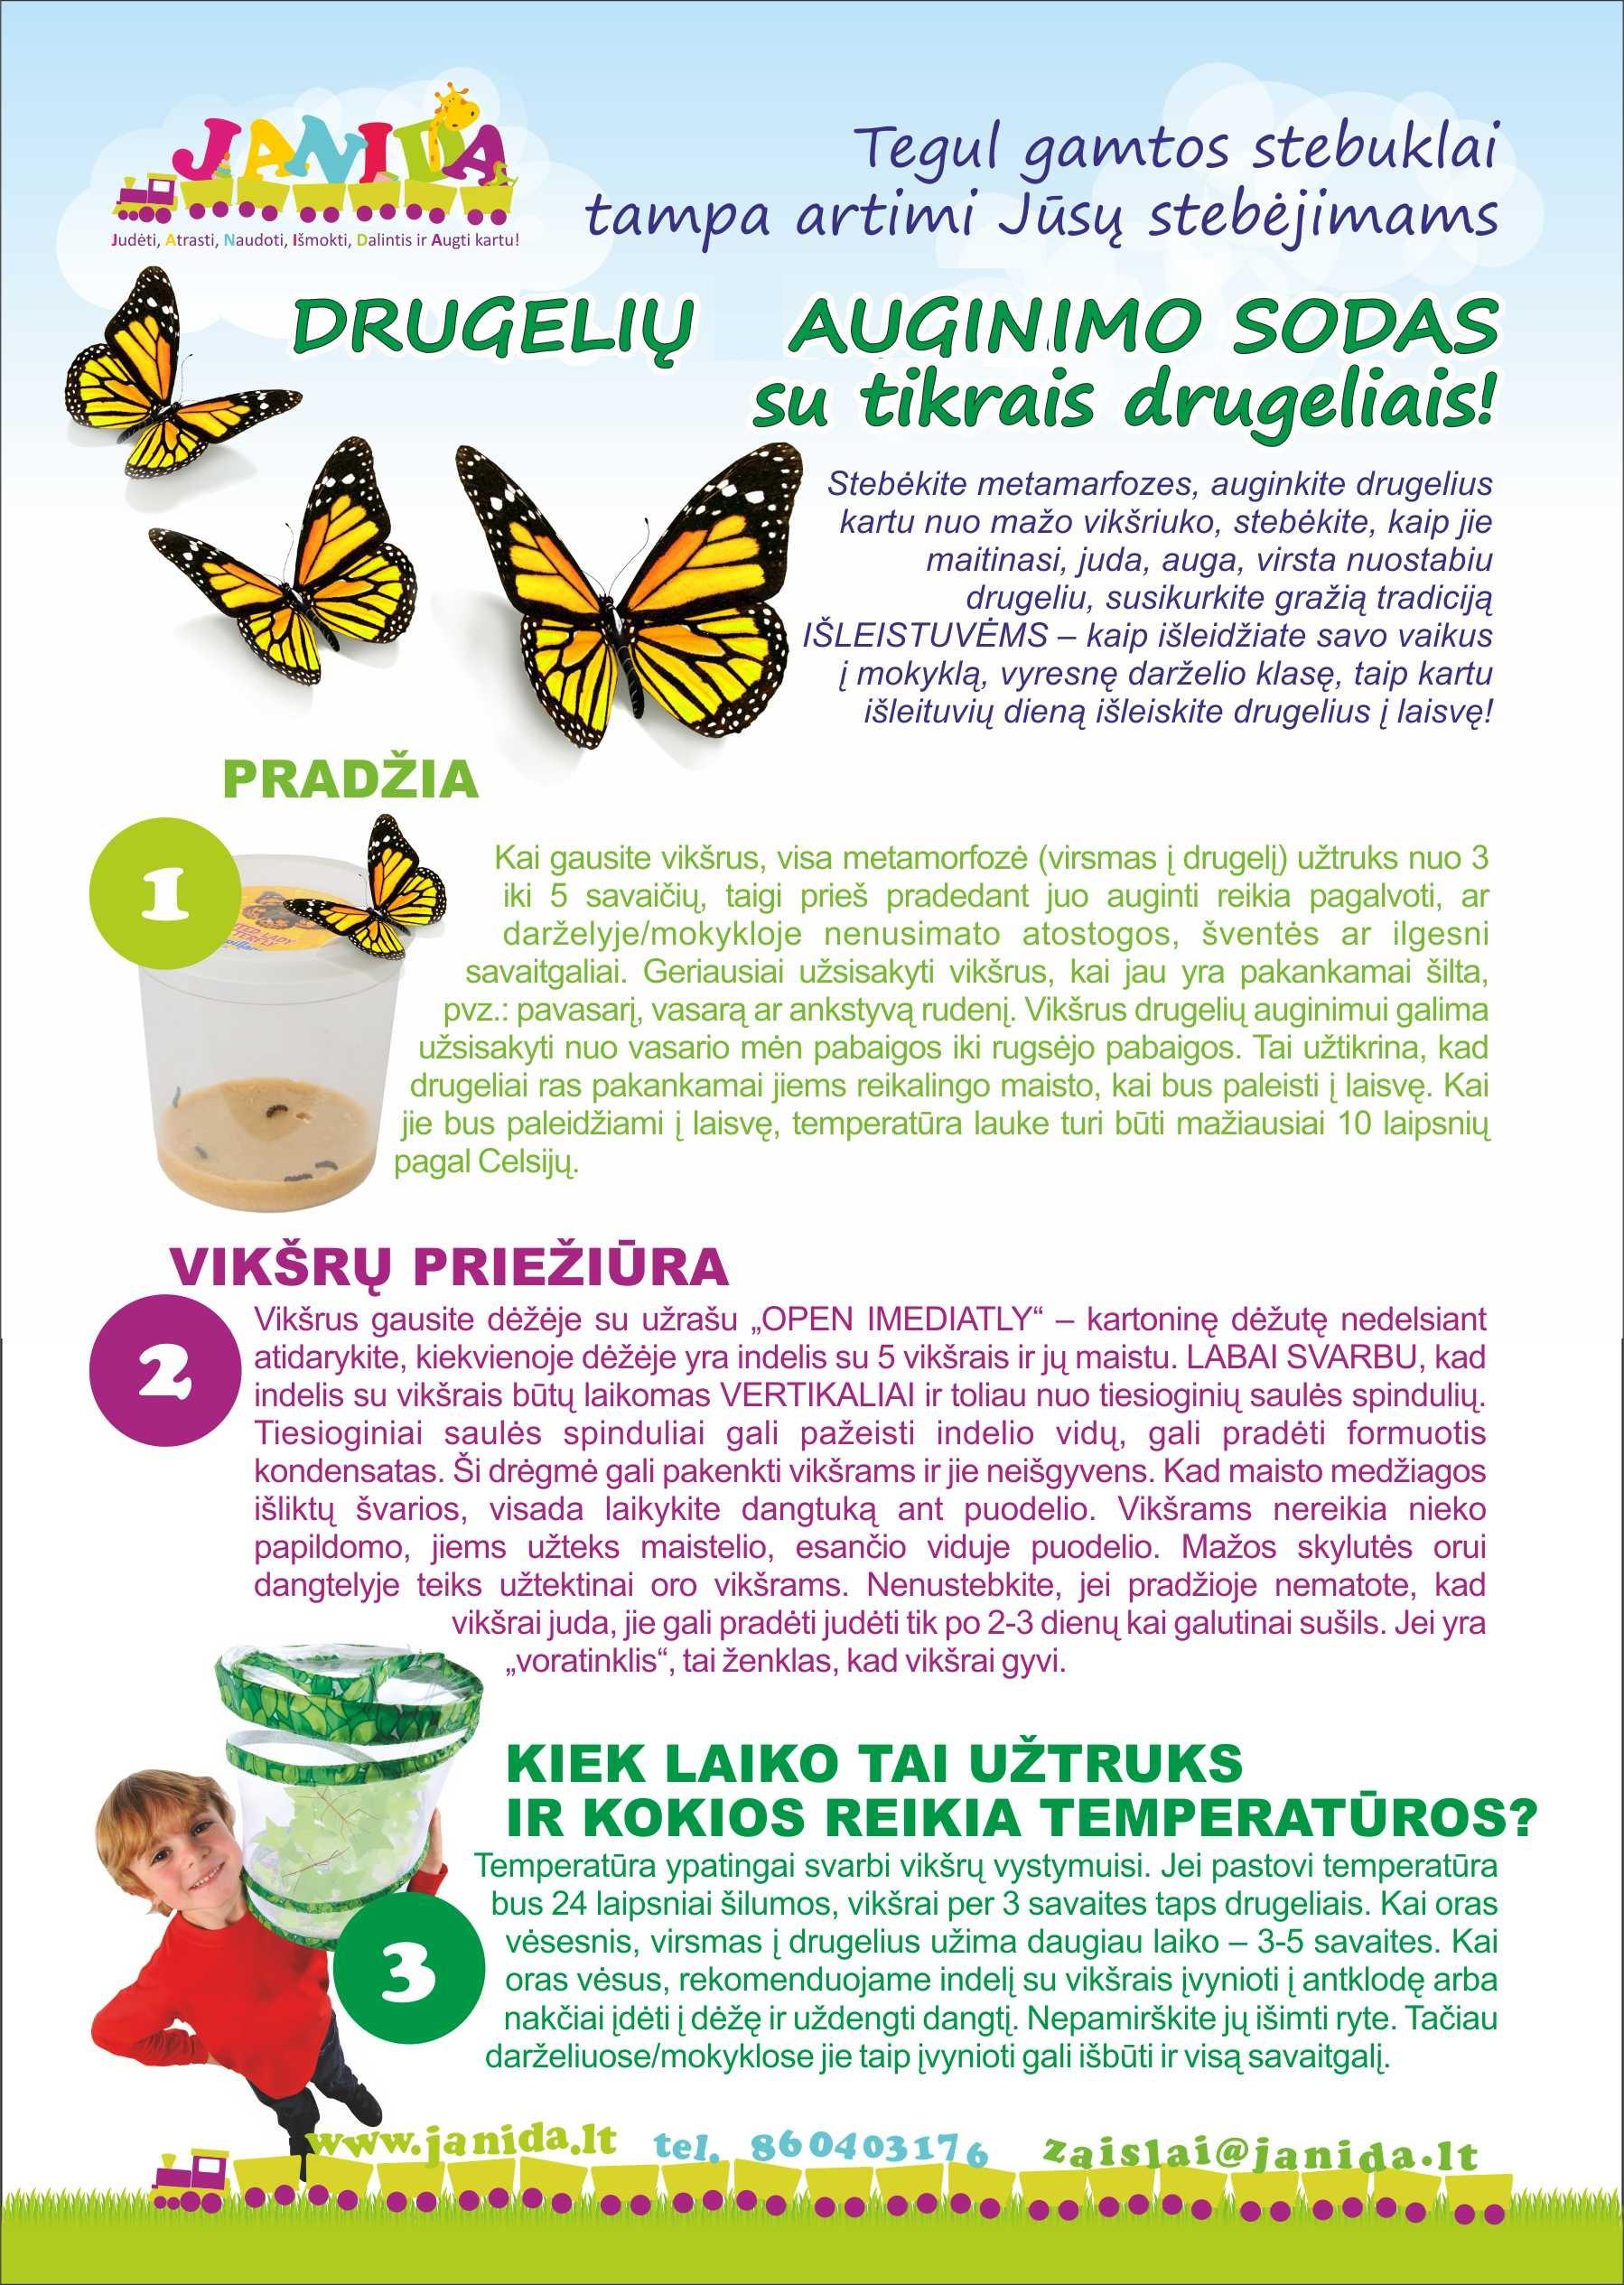 Didelis drugelių augininimo sodas, 8-10 sodas